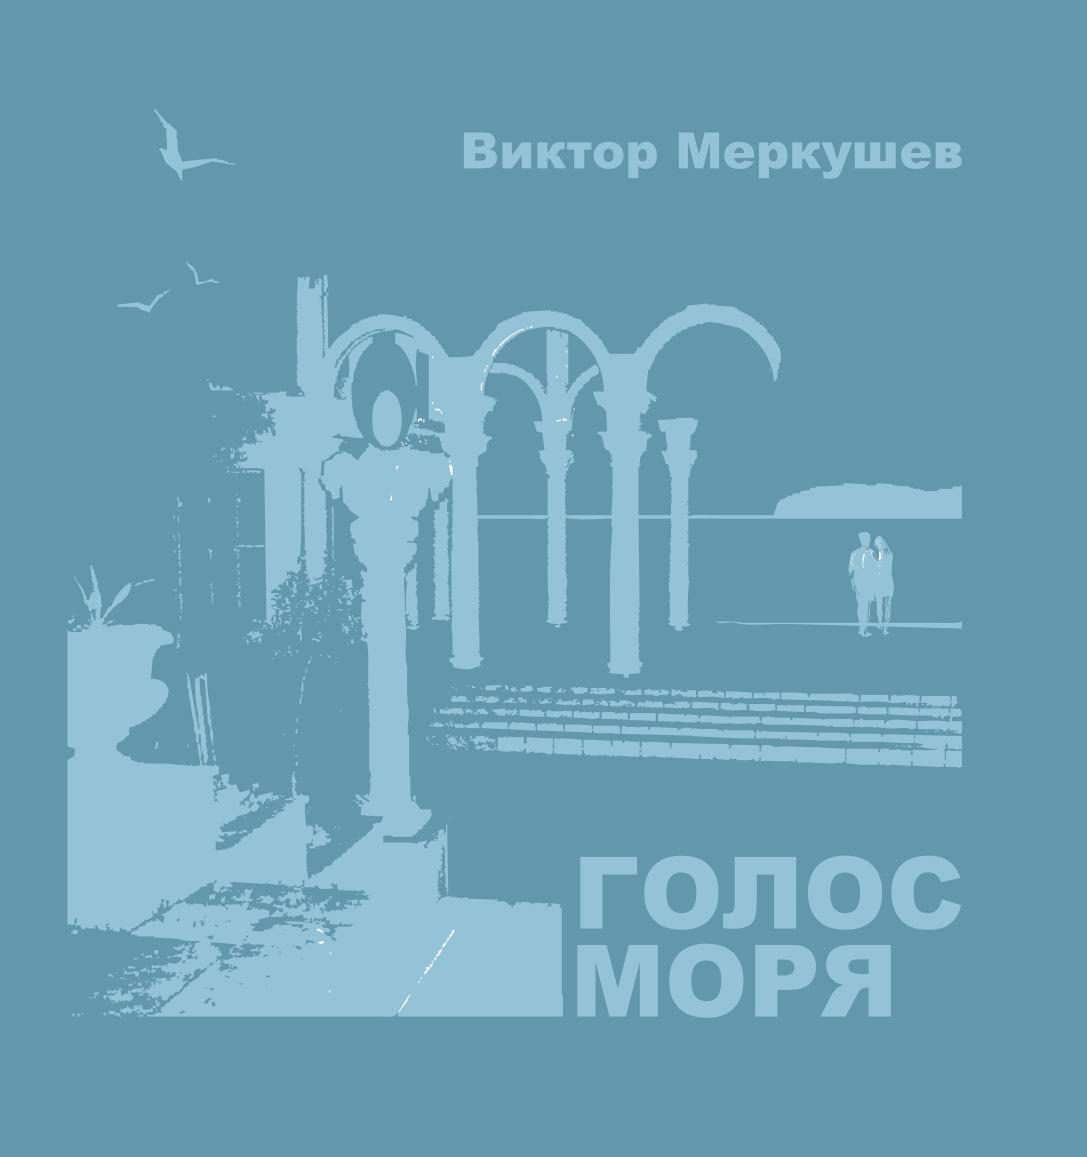 купить Виктор Меркушев Голос моря (сборник) по цене 33.99 рублей